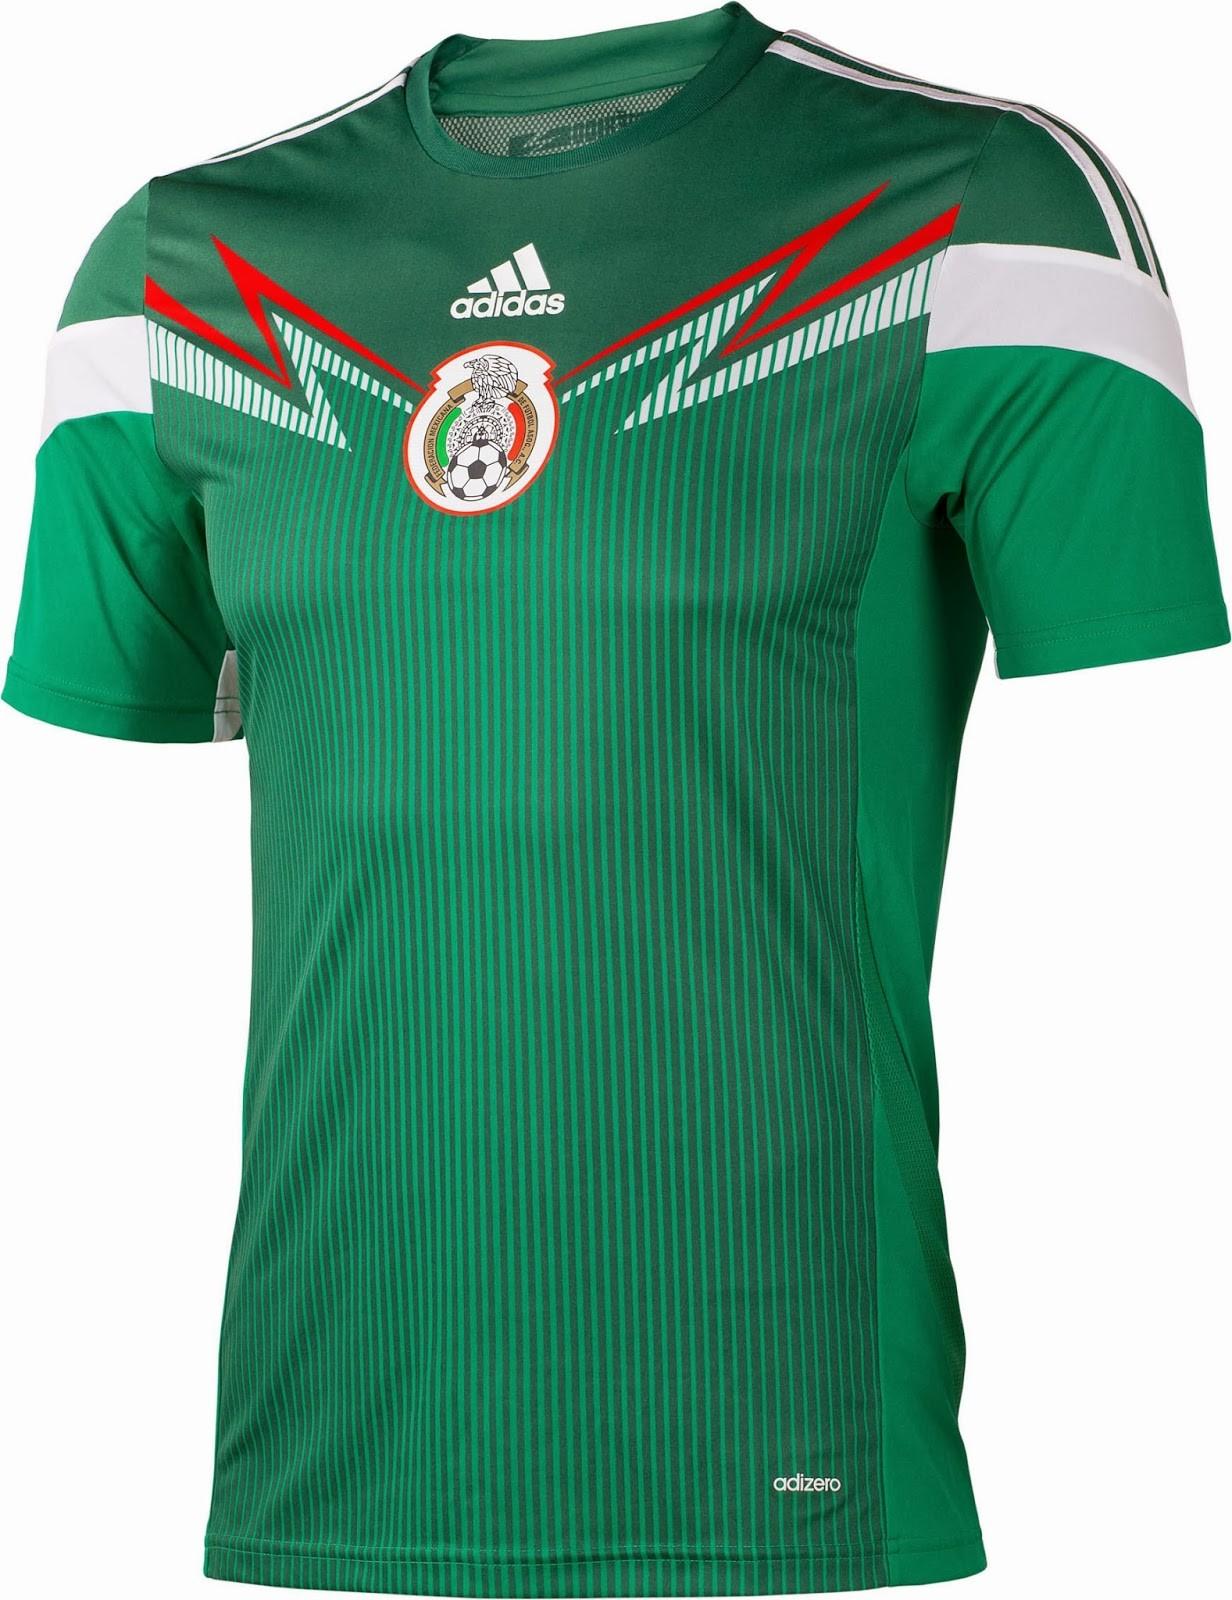 Adidas - México (Foto  divulgação). Já o segundo uniforme ... 1ca22248d23ee